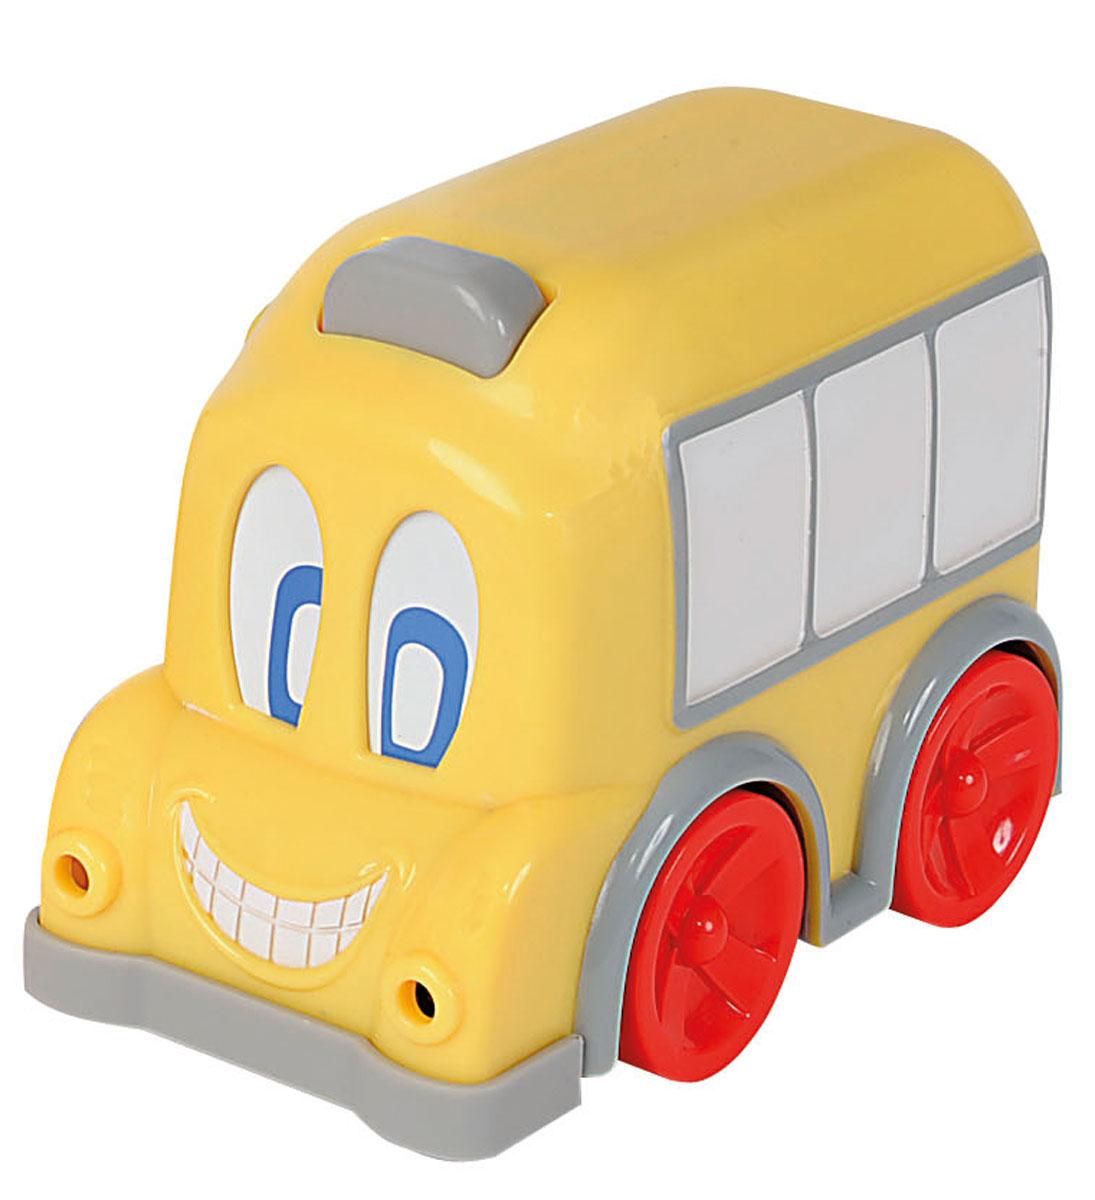 Simba Автобус с движущимися глазами цвет желтый4011646_желтыйАвтобус Simba привлечет внимание вашего ребенка и надолго останется его любимой игрушкой. Плавные формы без острых углов, яркие цвета - все это выгодно выделяет эту игрушку из ряда подобных. Игрушка в виде яркого автобуса с окошками. Когда этот веселый автобус едет, его глаза начинают двигаться. А нажав на кнопку на крыше автобуса малыш услышит веселую мелодию и увидит, как зажгутся фары автобуса. Такая игрушка развивает концентрацию внимания, координацию движений, мелкую моторику рук, цветовое восприятие и воображение. Малыш будет часами играть с этим автобусом, придумывая разные истории. Для работы нужны 3 батарейки 1.5V LR44 (комплектуется демонстрационными).